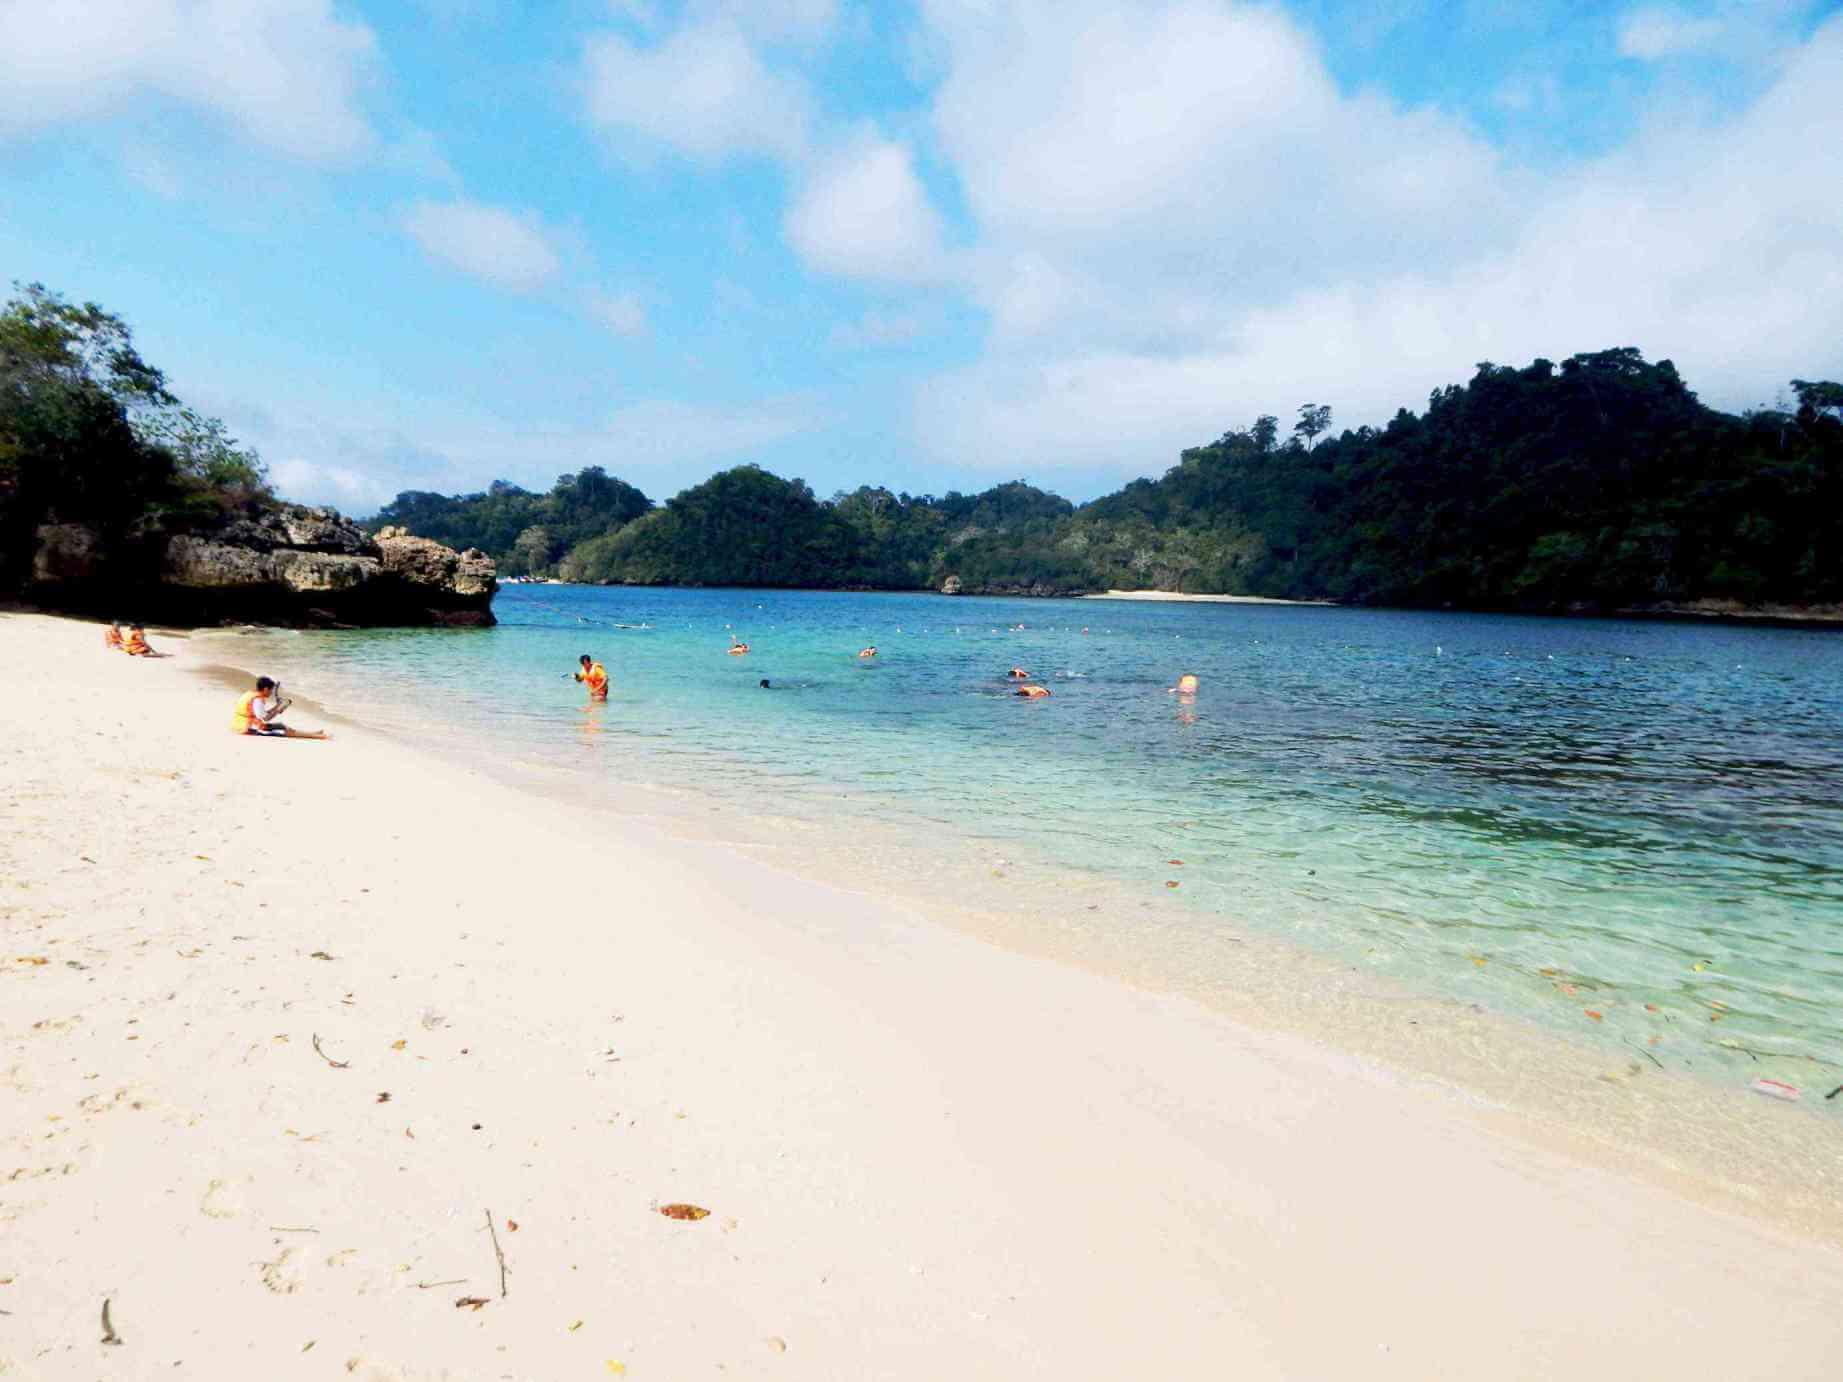 Pantai Tiga Warna Malang: Surga Yang Tersembunyi di Malang Selatan